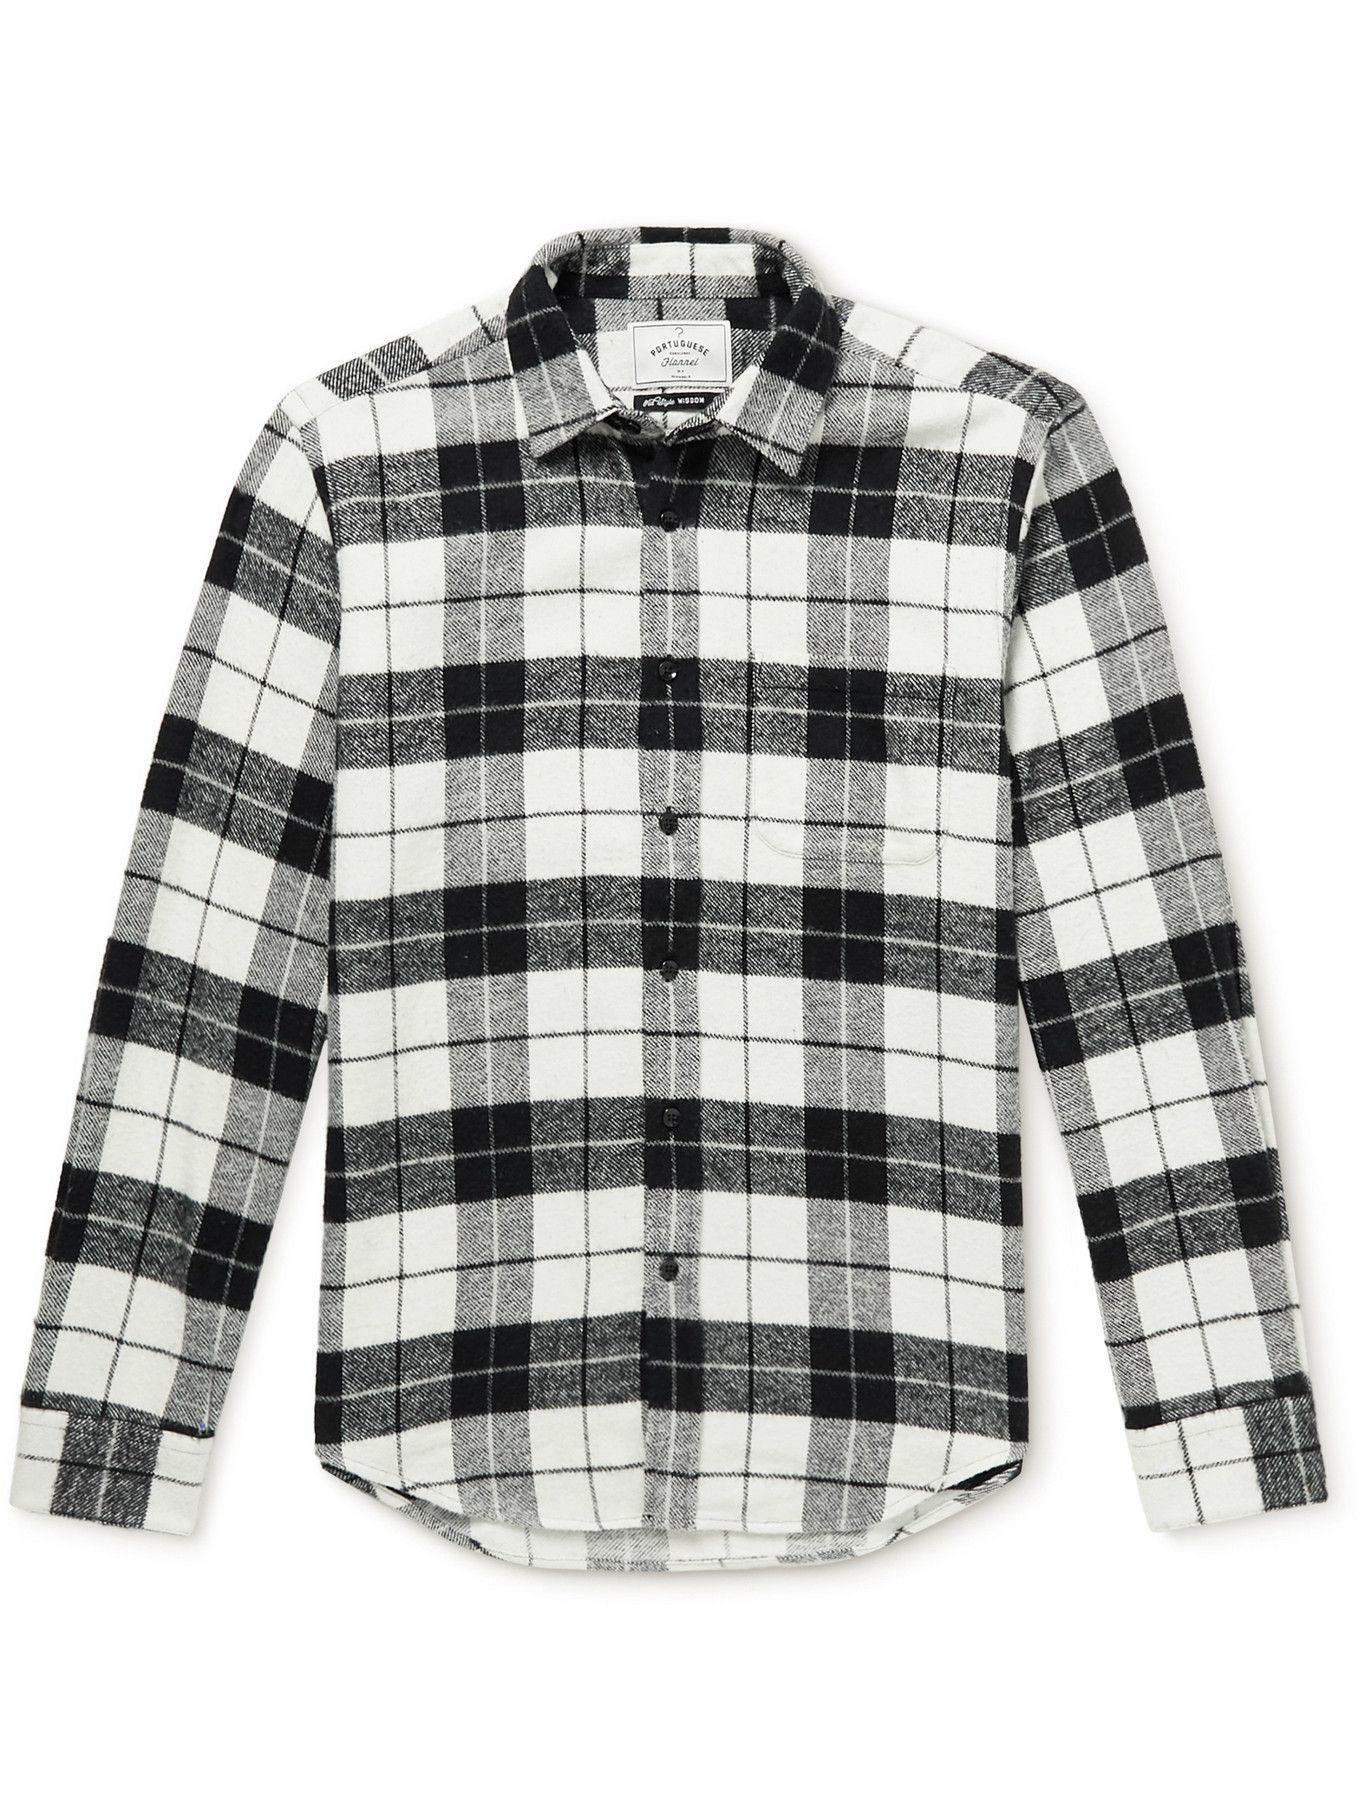 Photo: Portuguese Flannel - Colorado Checked Cotton-Flannel Shirt - Black